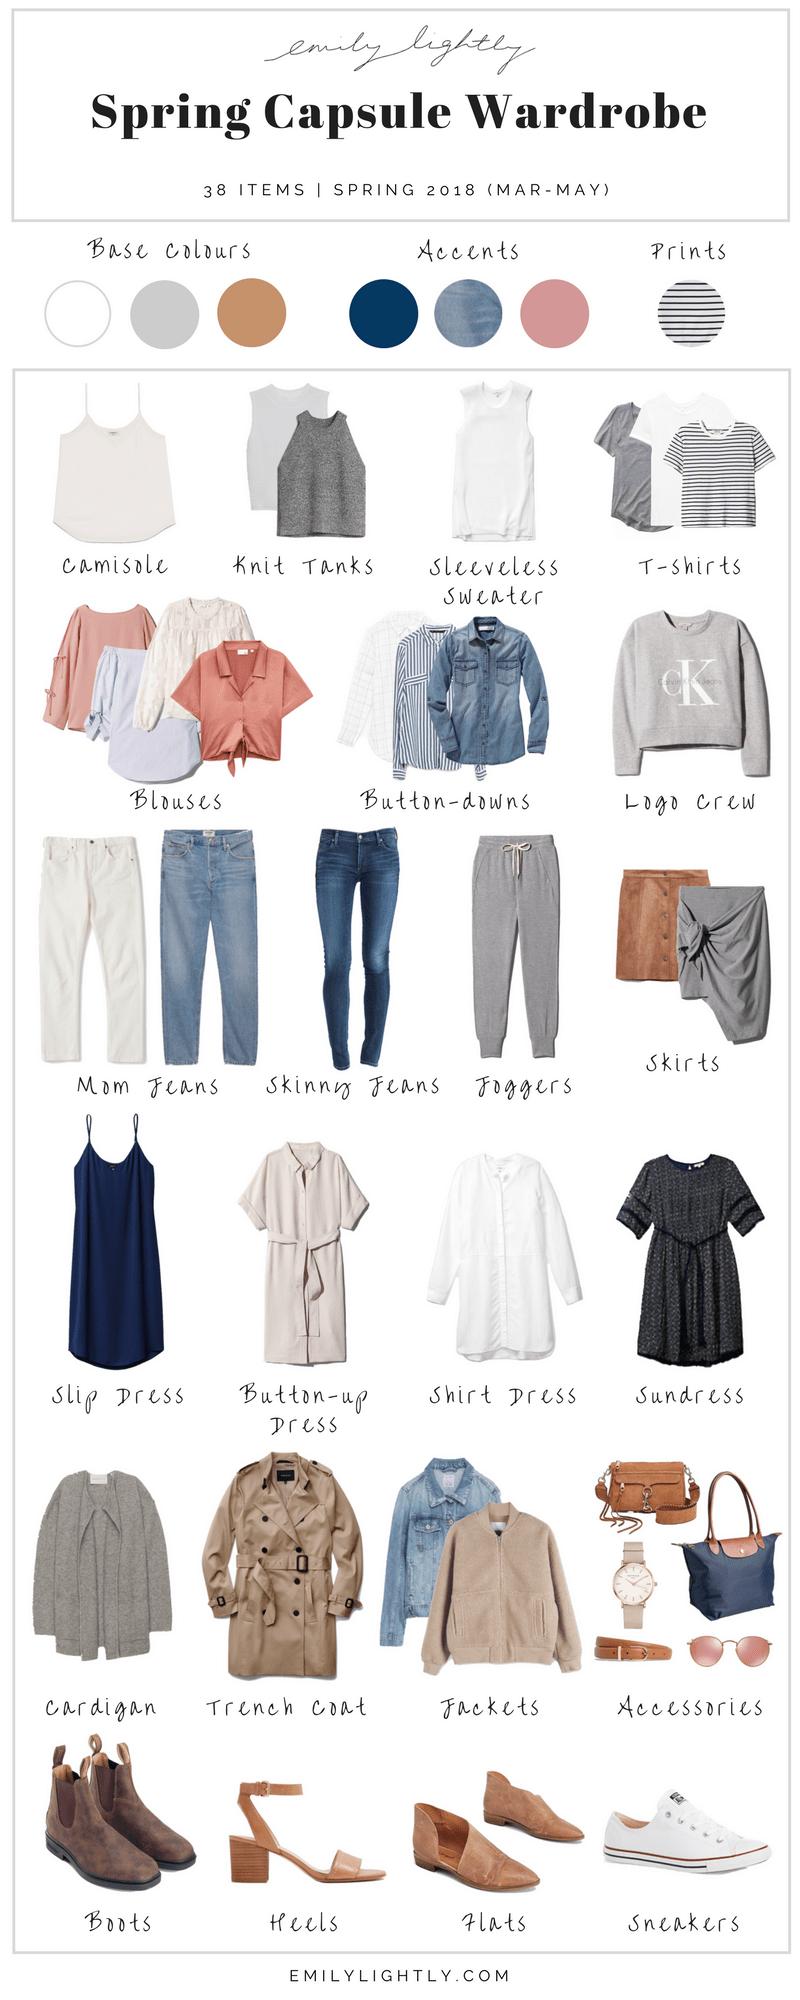 My 2018 Spring Capsule Wardrobe: My Spring 2018 Capsule Wardrobe